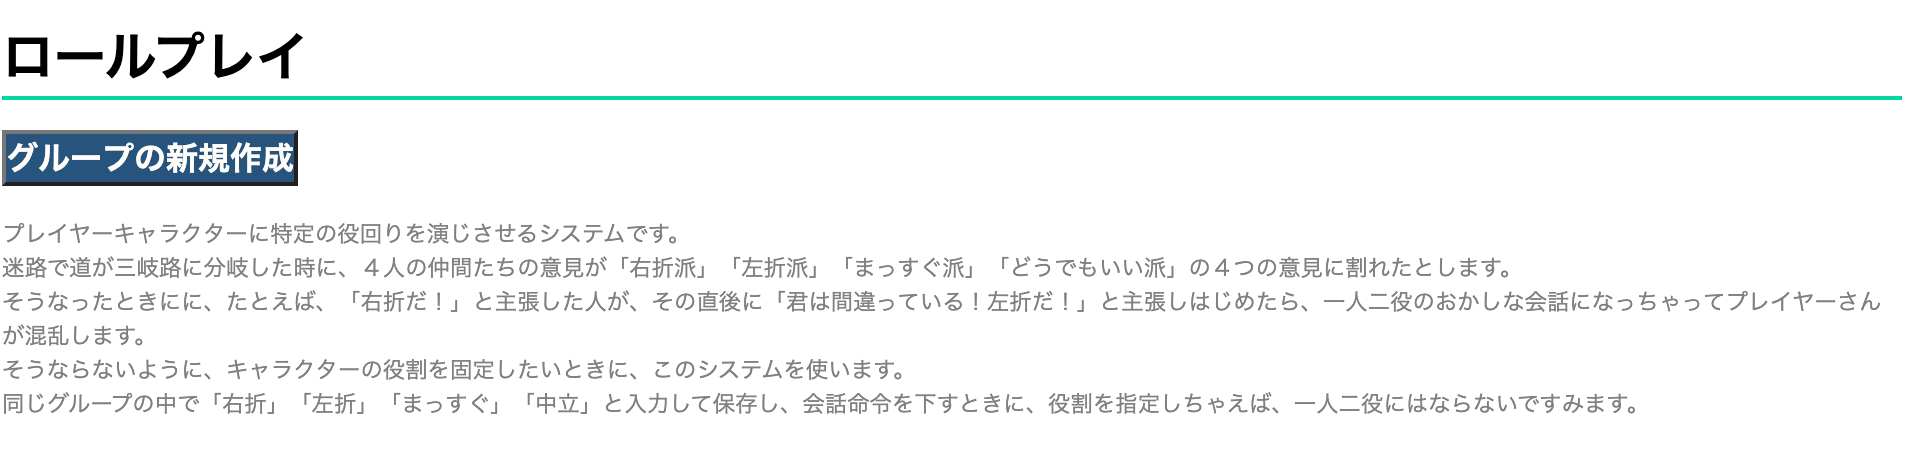 スクリーンショット 2020-06-28 10.27.19.png